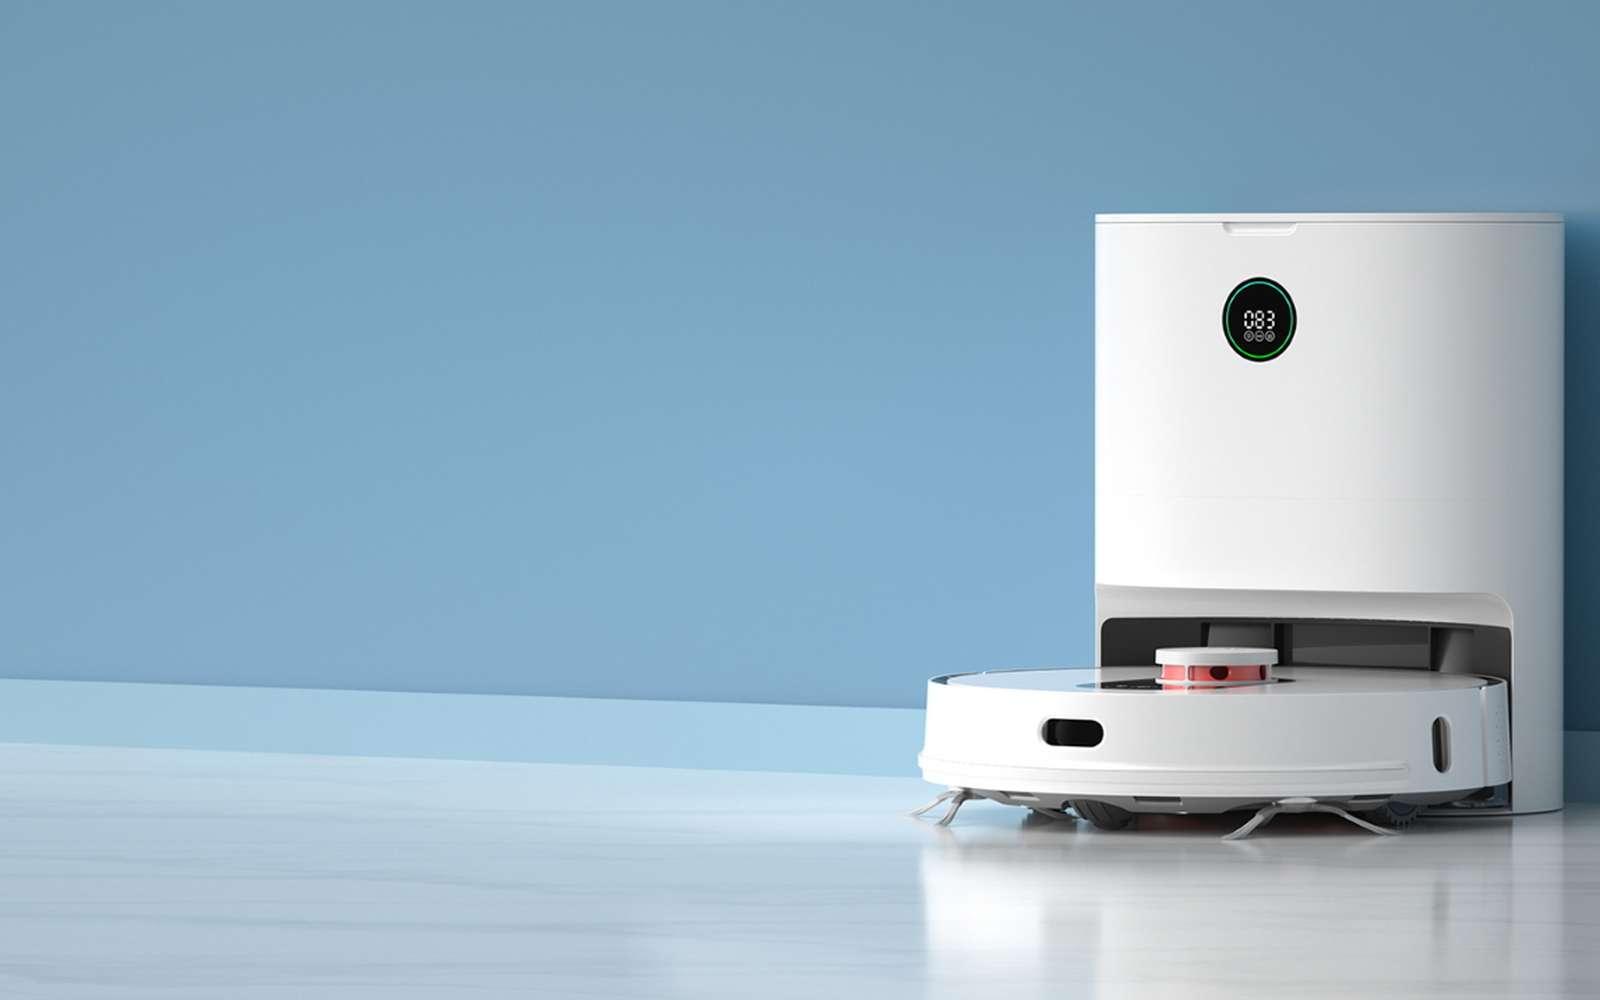 L'aspirateur intelligent dispose d'une station pour vidanger son réservoir automatiquement. C'est aussi cette base qui lui permet de se recharger. © Roidmi